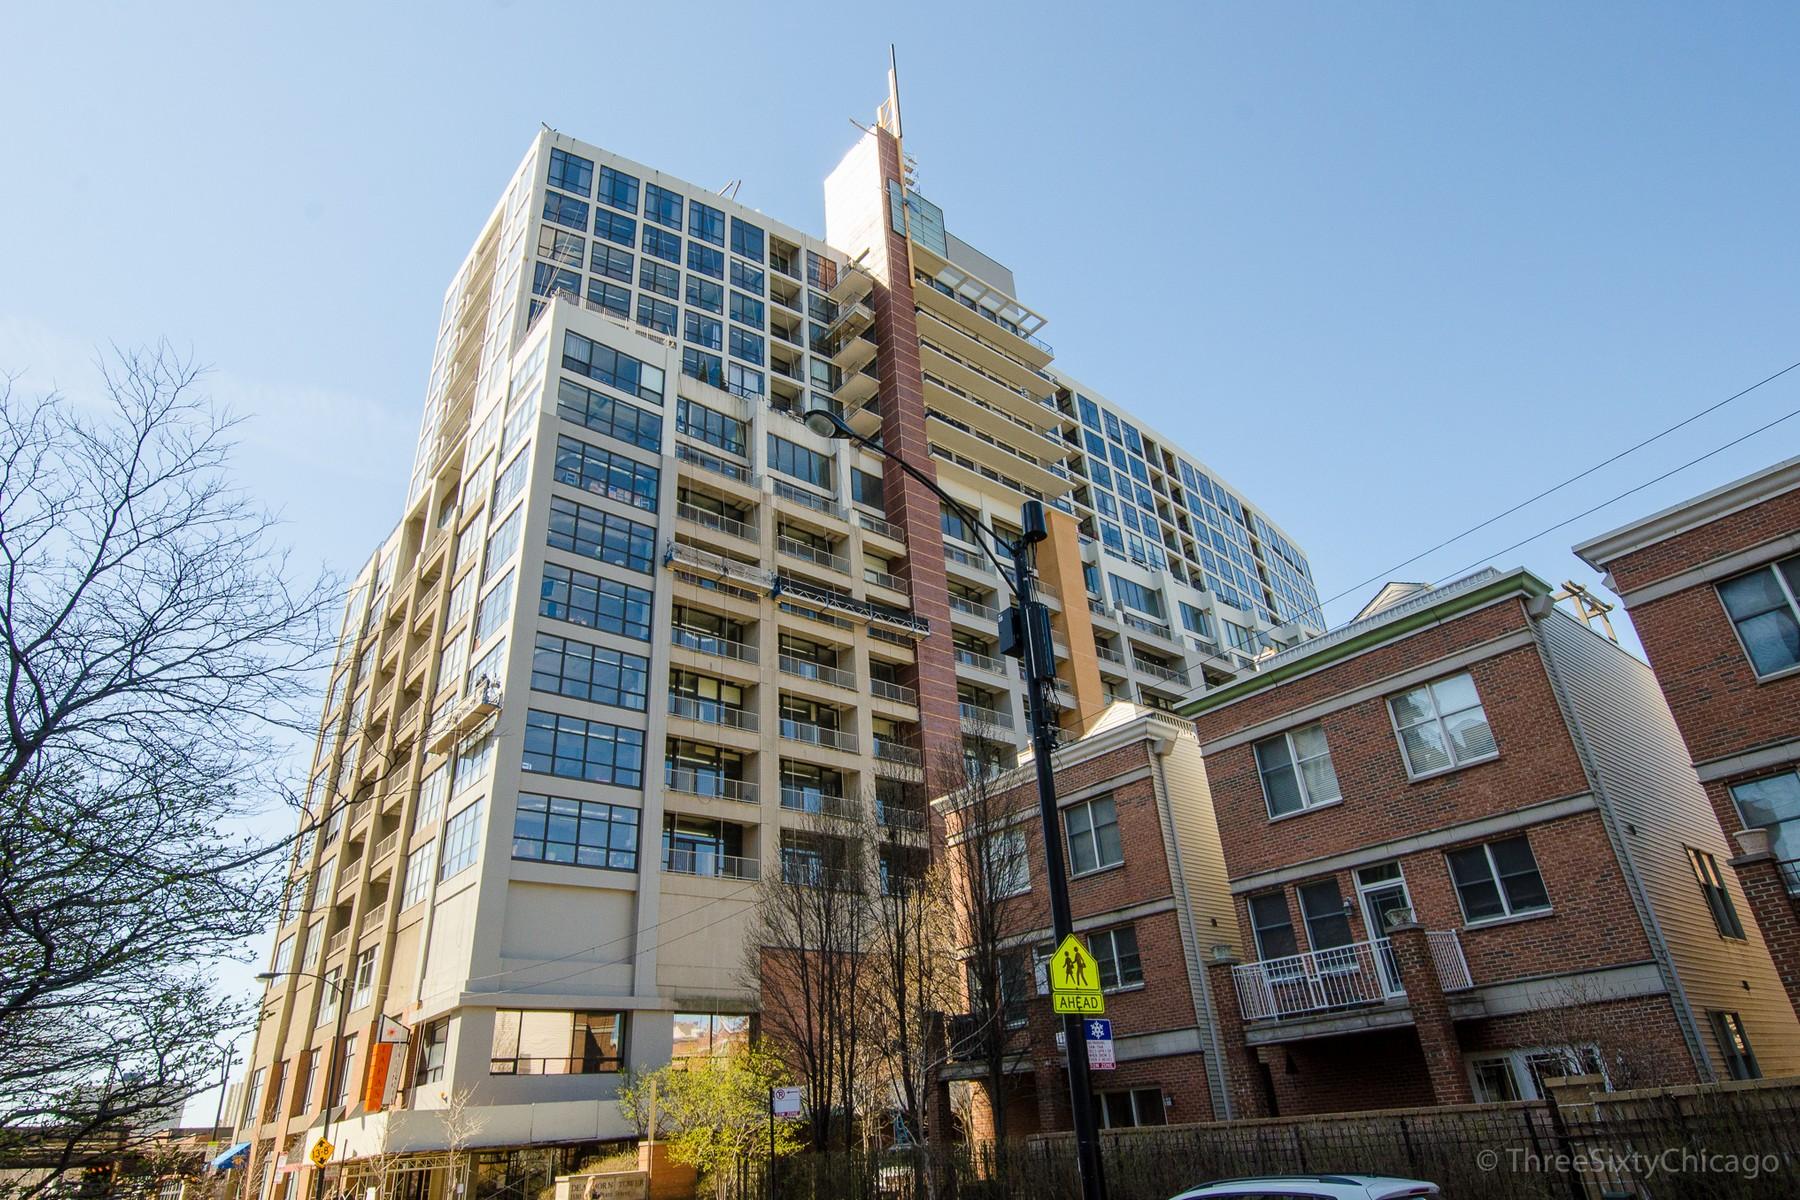 콘도미니엄 용 매매 에 Dearborn Tower 1530 S State Street, Unit 15G Near South Side, Chicago, 일리노이즈, IL 미국